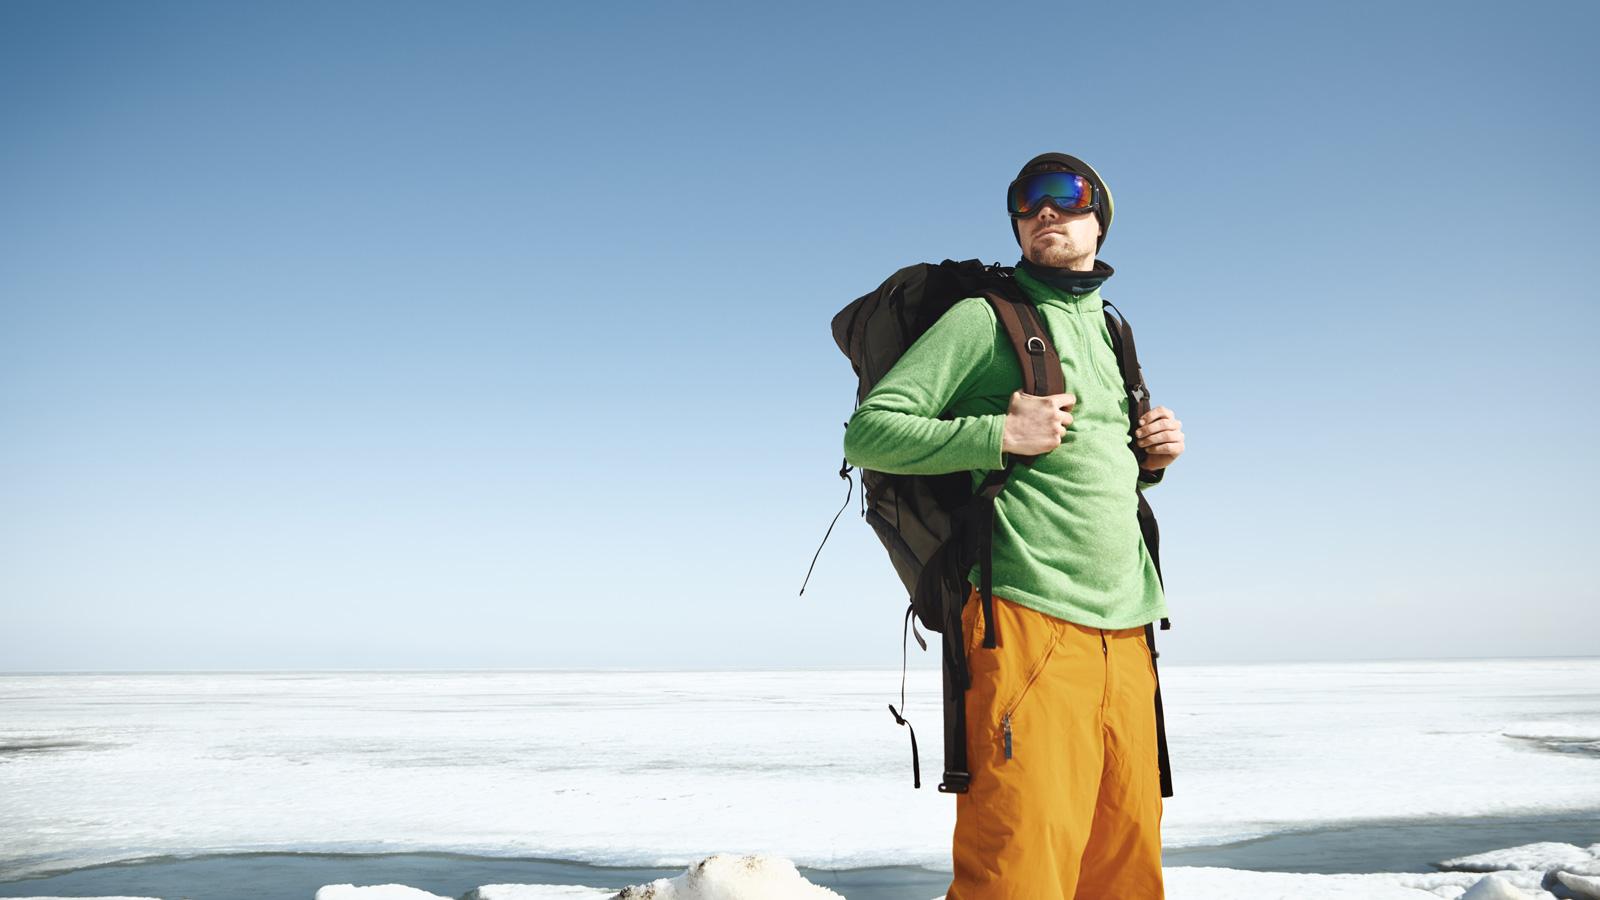 Zmiany klimatu – jak wpłyną na turystykę? travel mediarun turysta zima snieg 2020